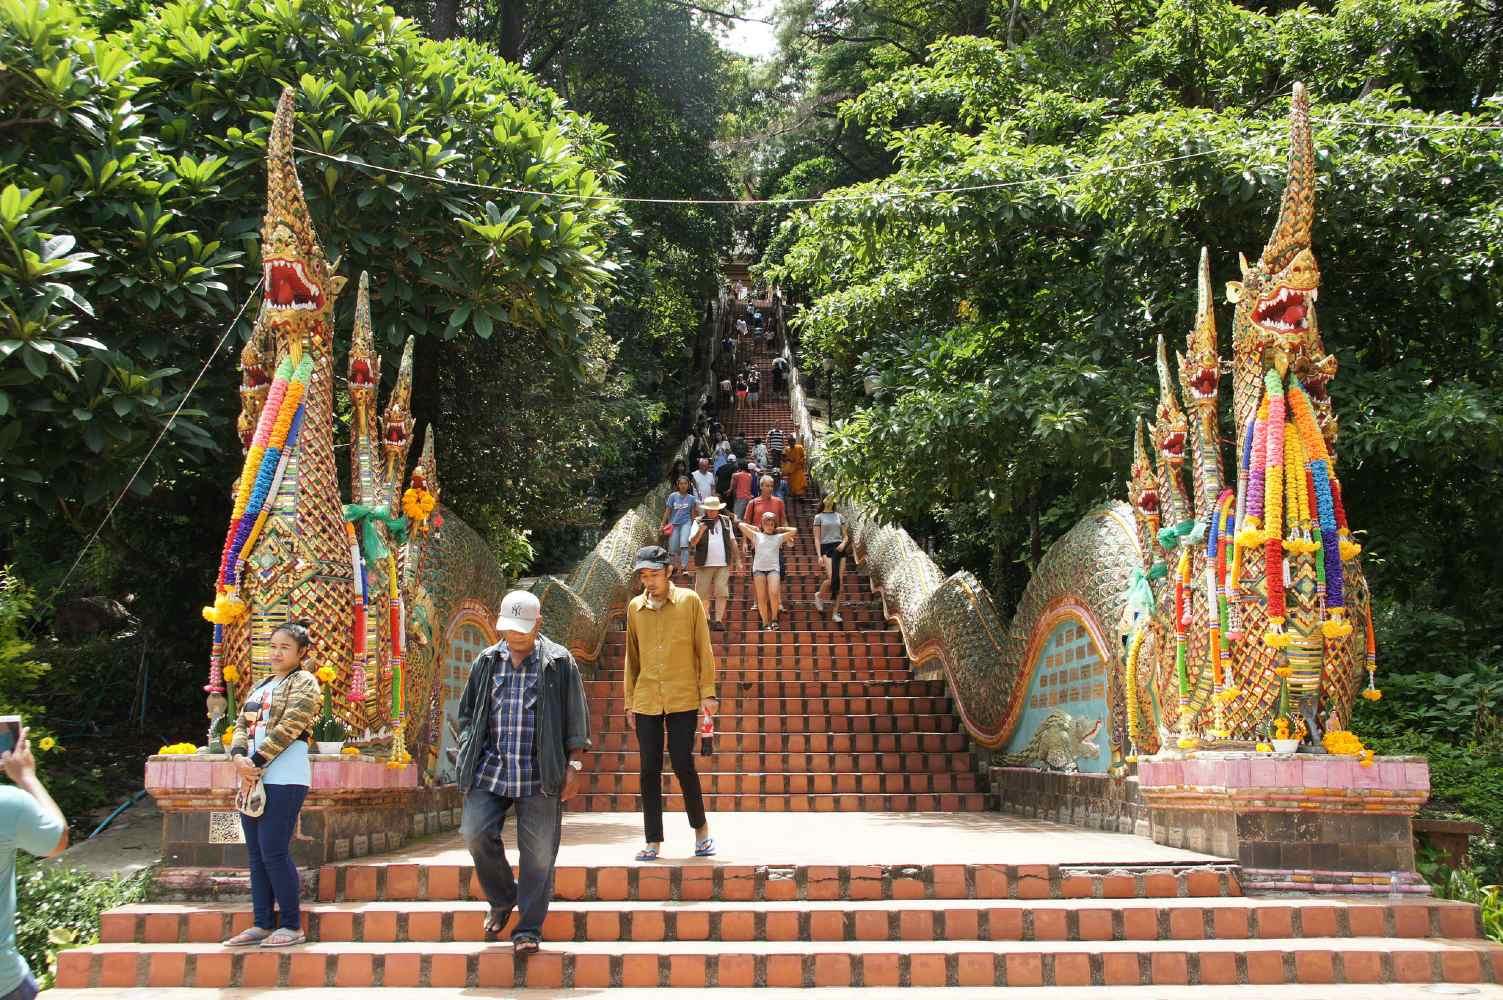 De trap naar de Wat Phrathat op de Doi Suthep in Chiang Mai, Thailand